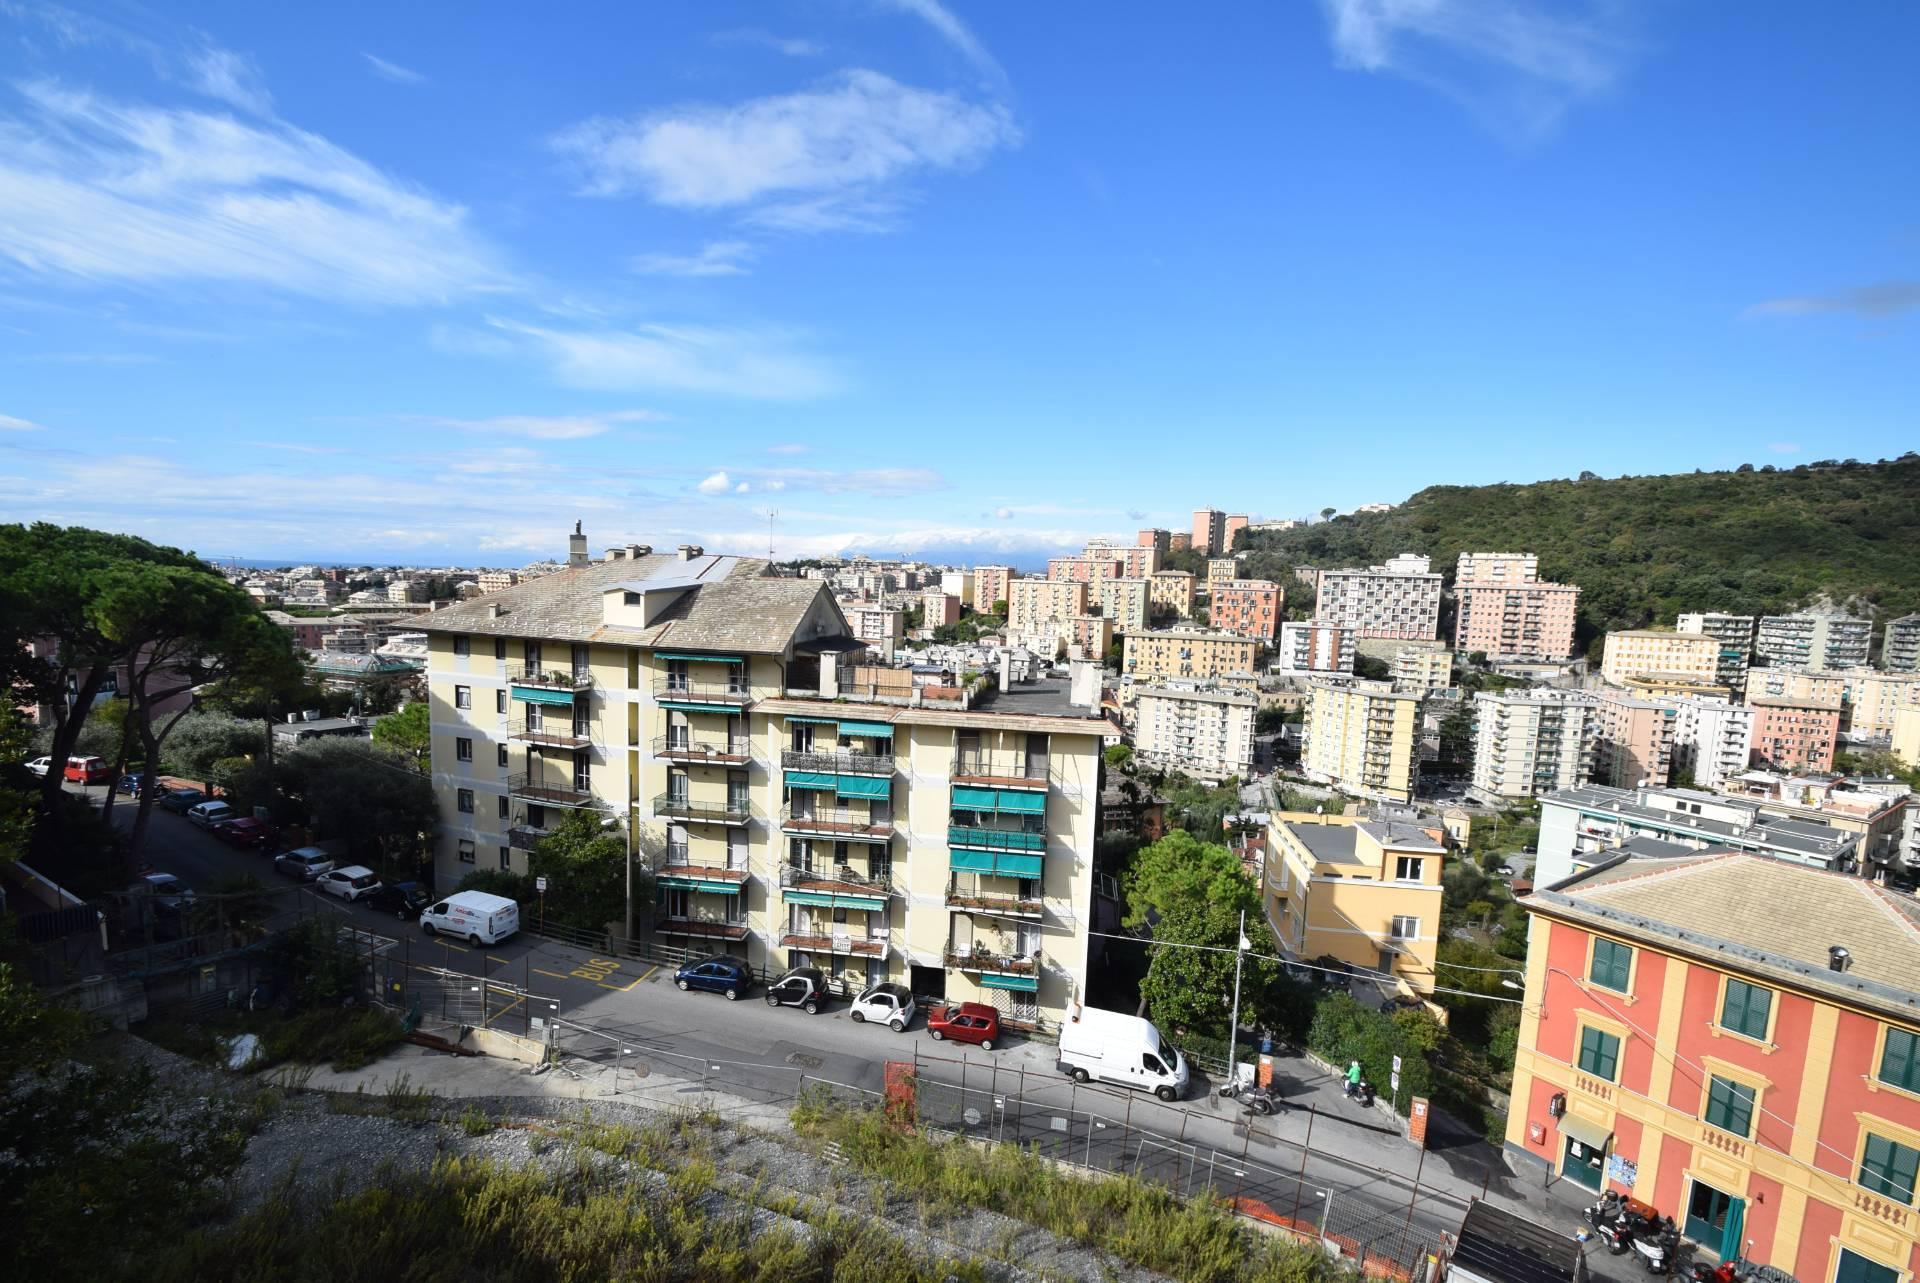 APPARTAMENTO in Affitto a Borgoratti, Genova (GENOVA)